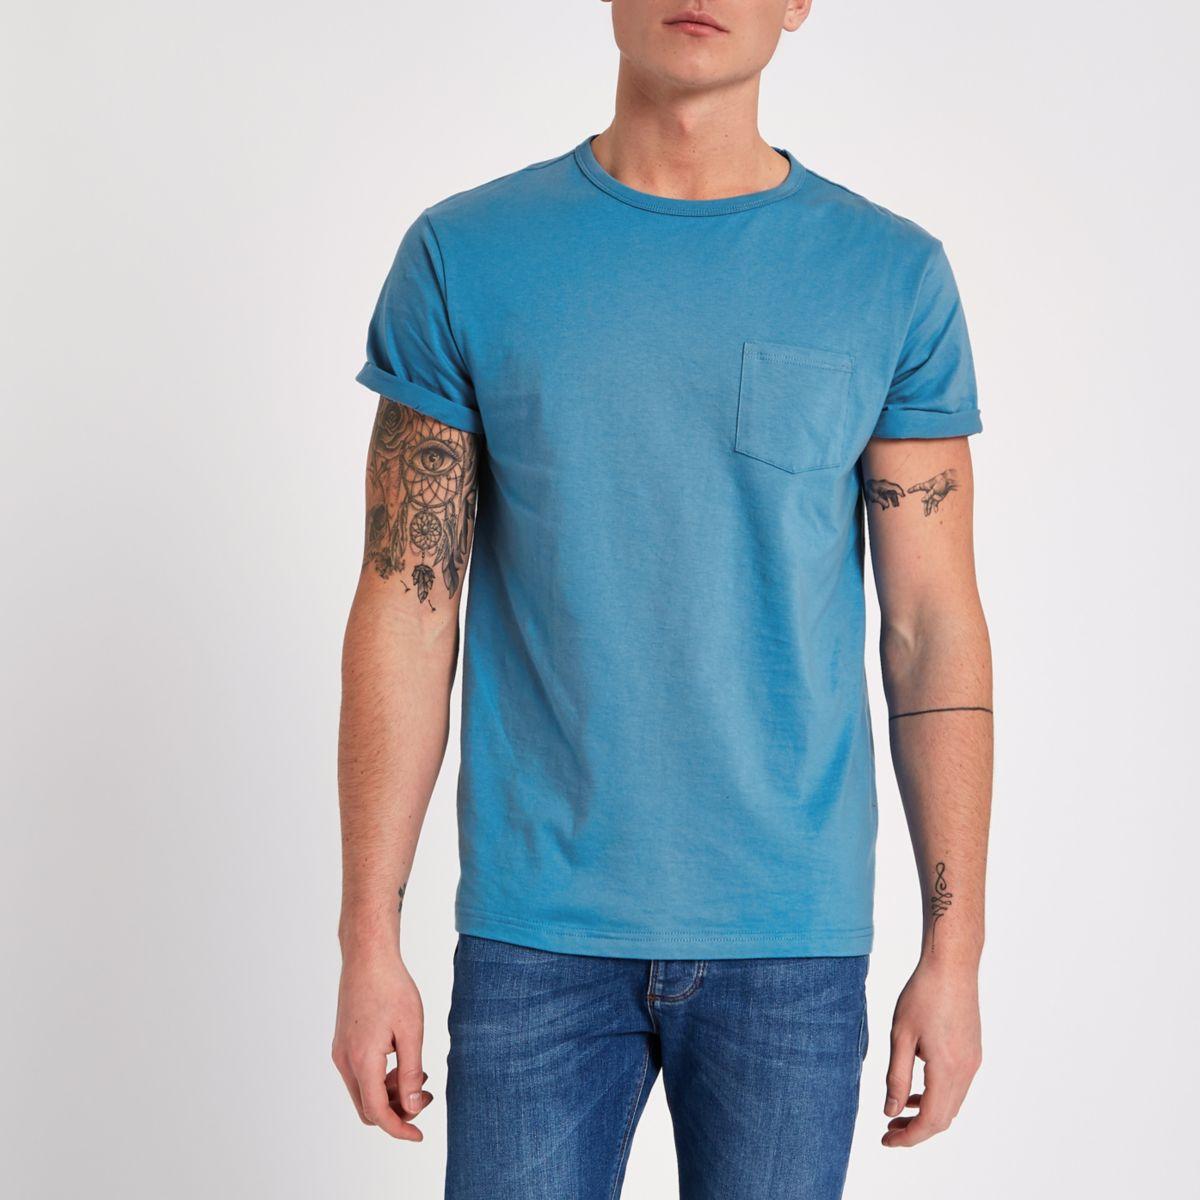 Hellblaues T-Shirt mit Tasche